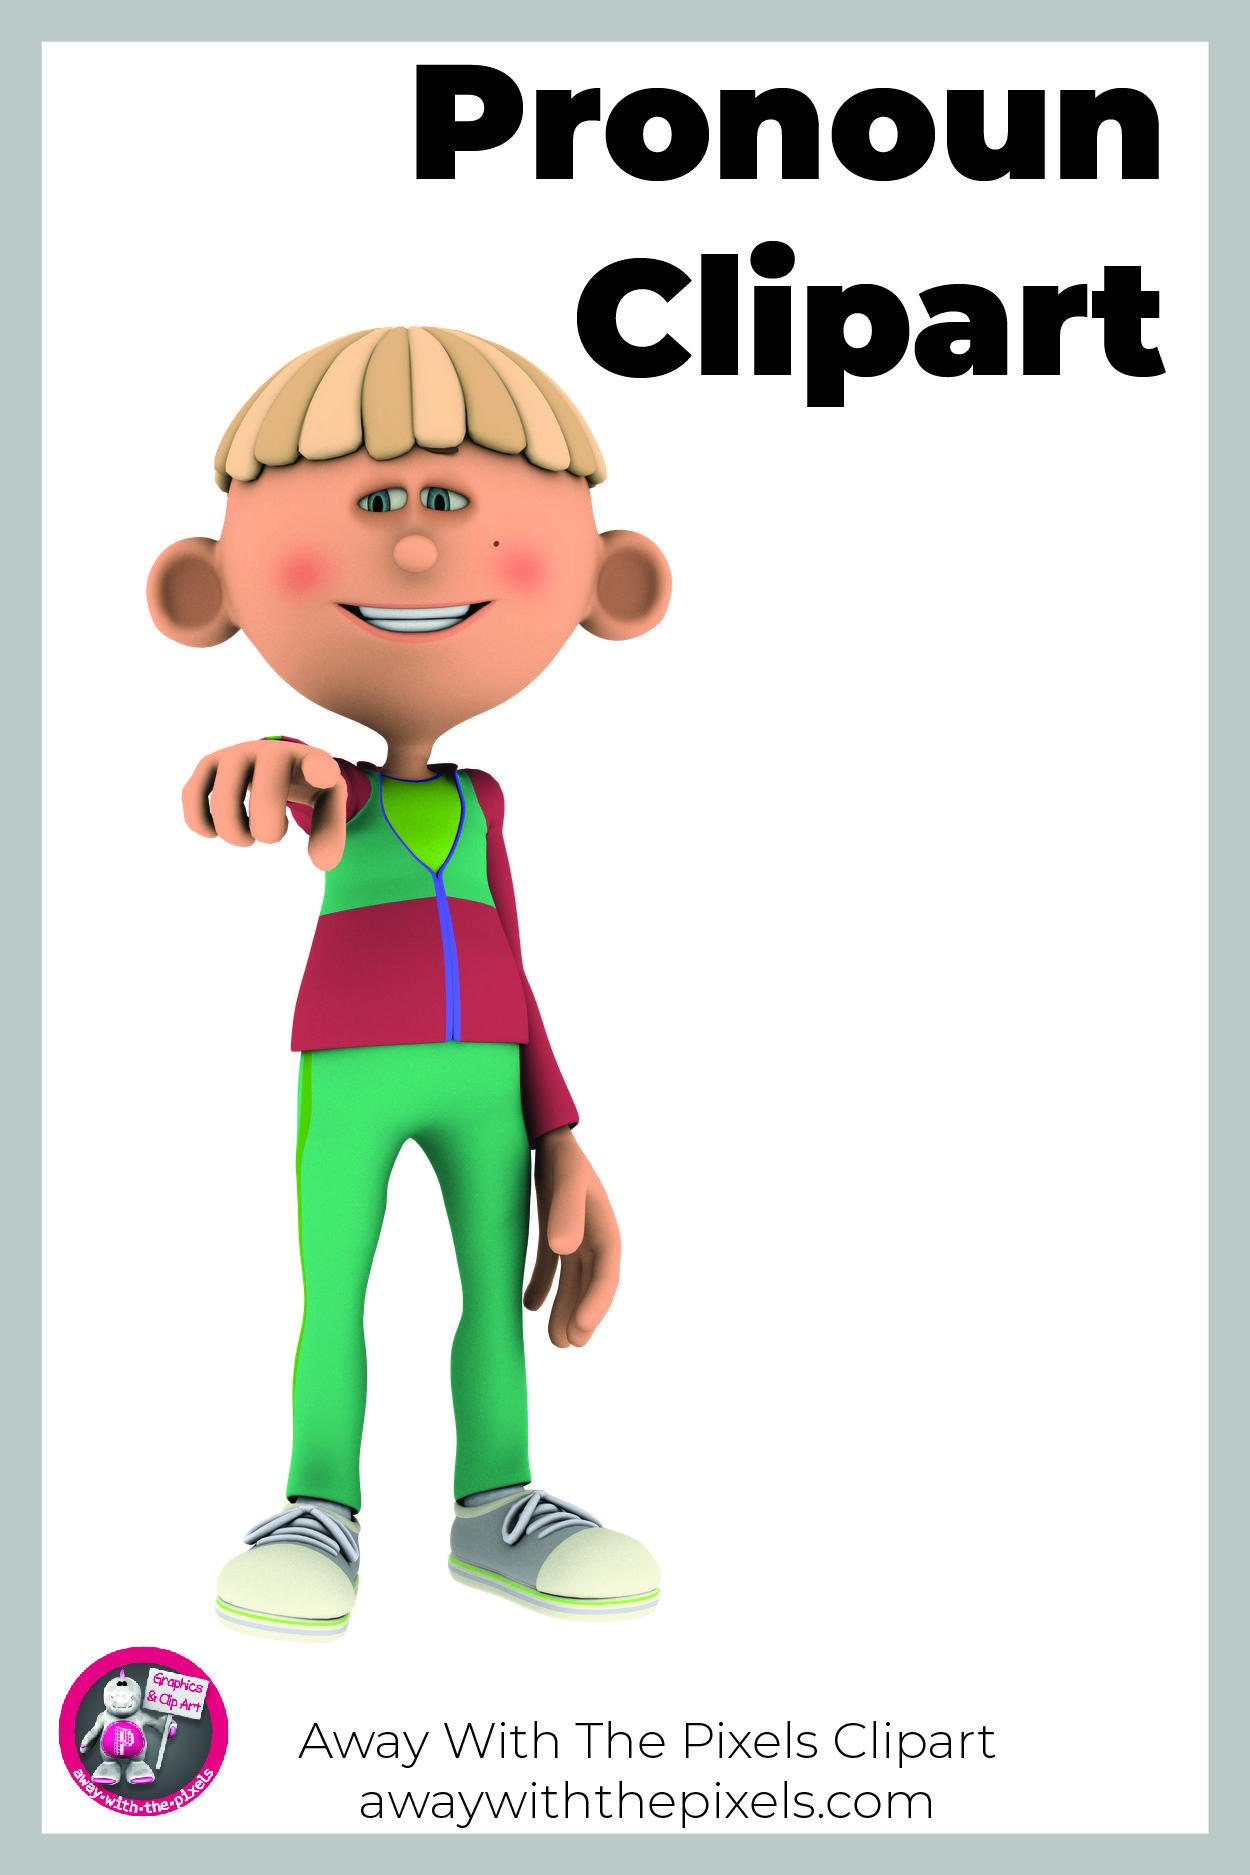 d kids clip. Friendly clipart us pronoun